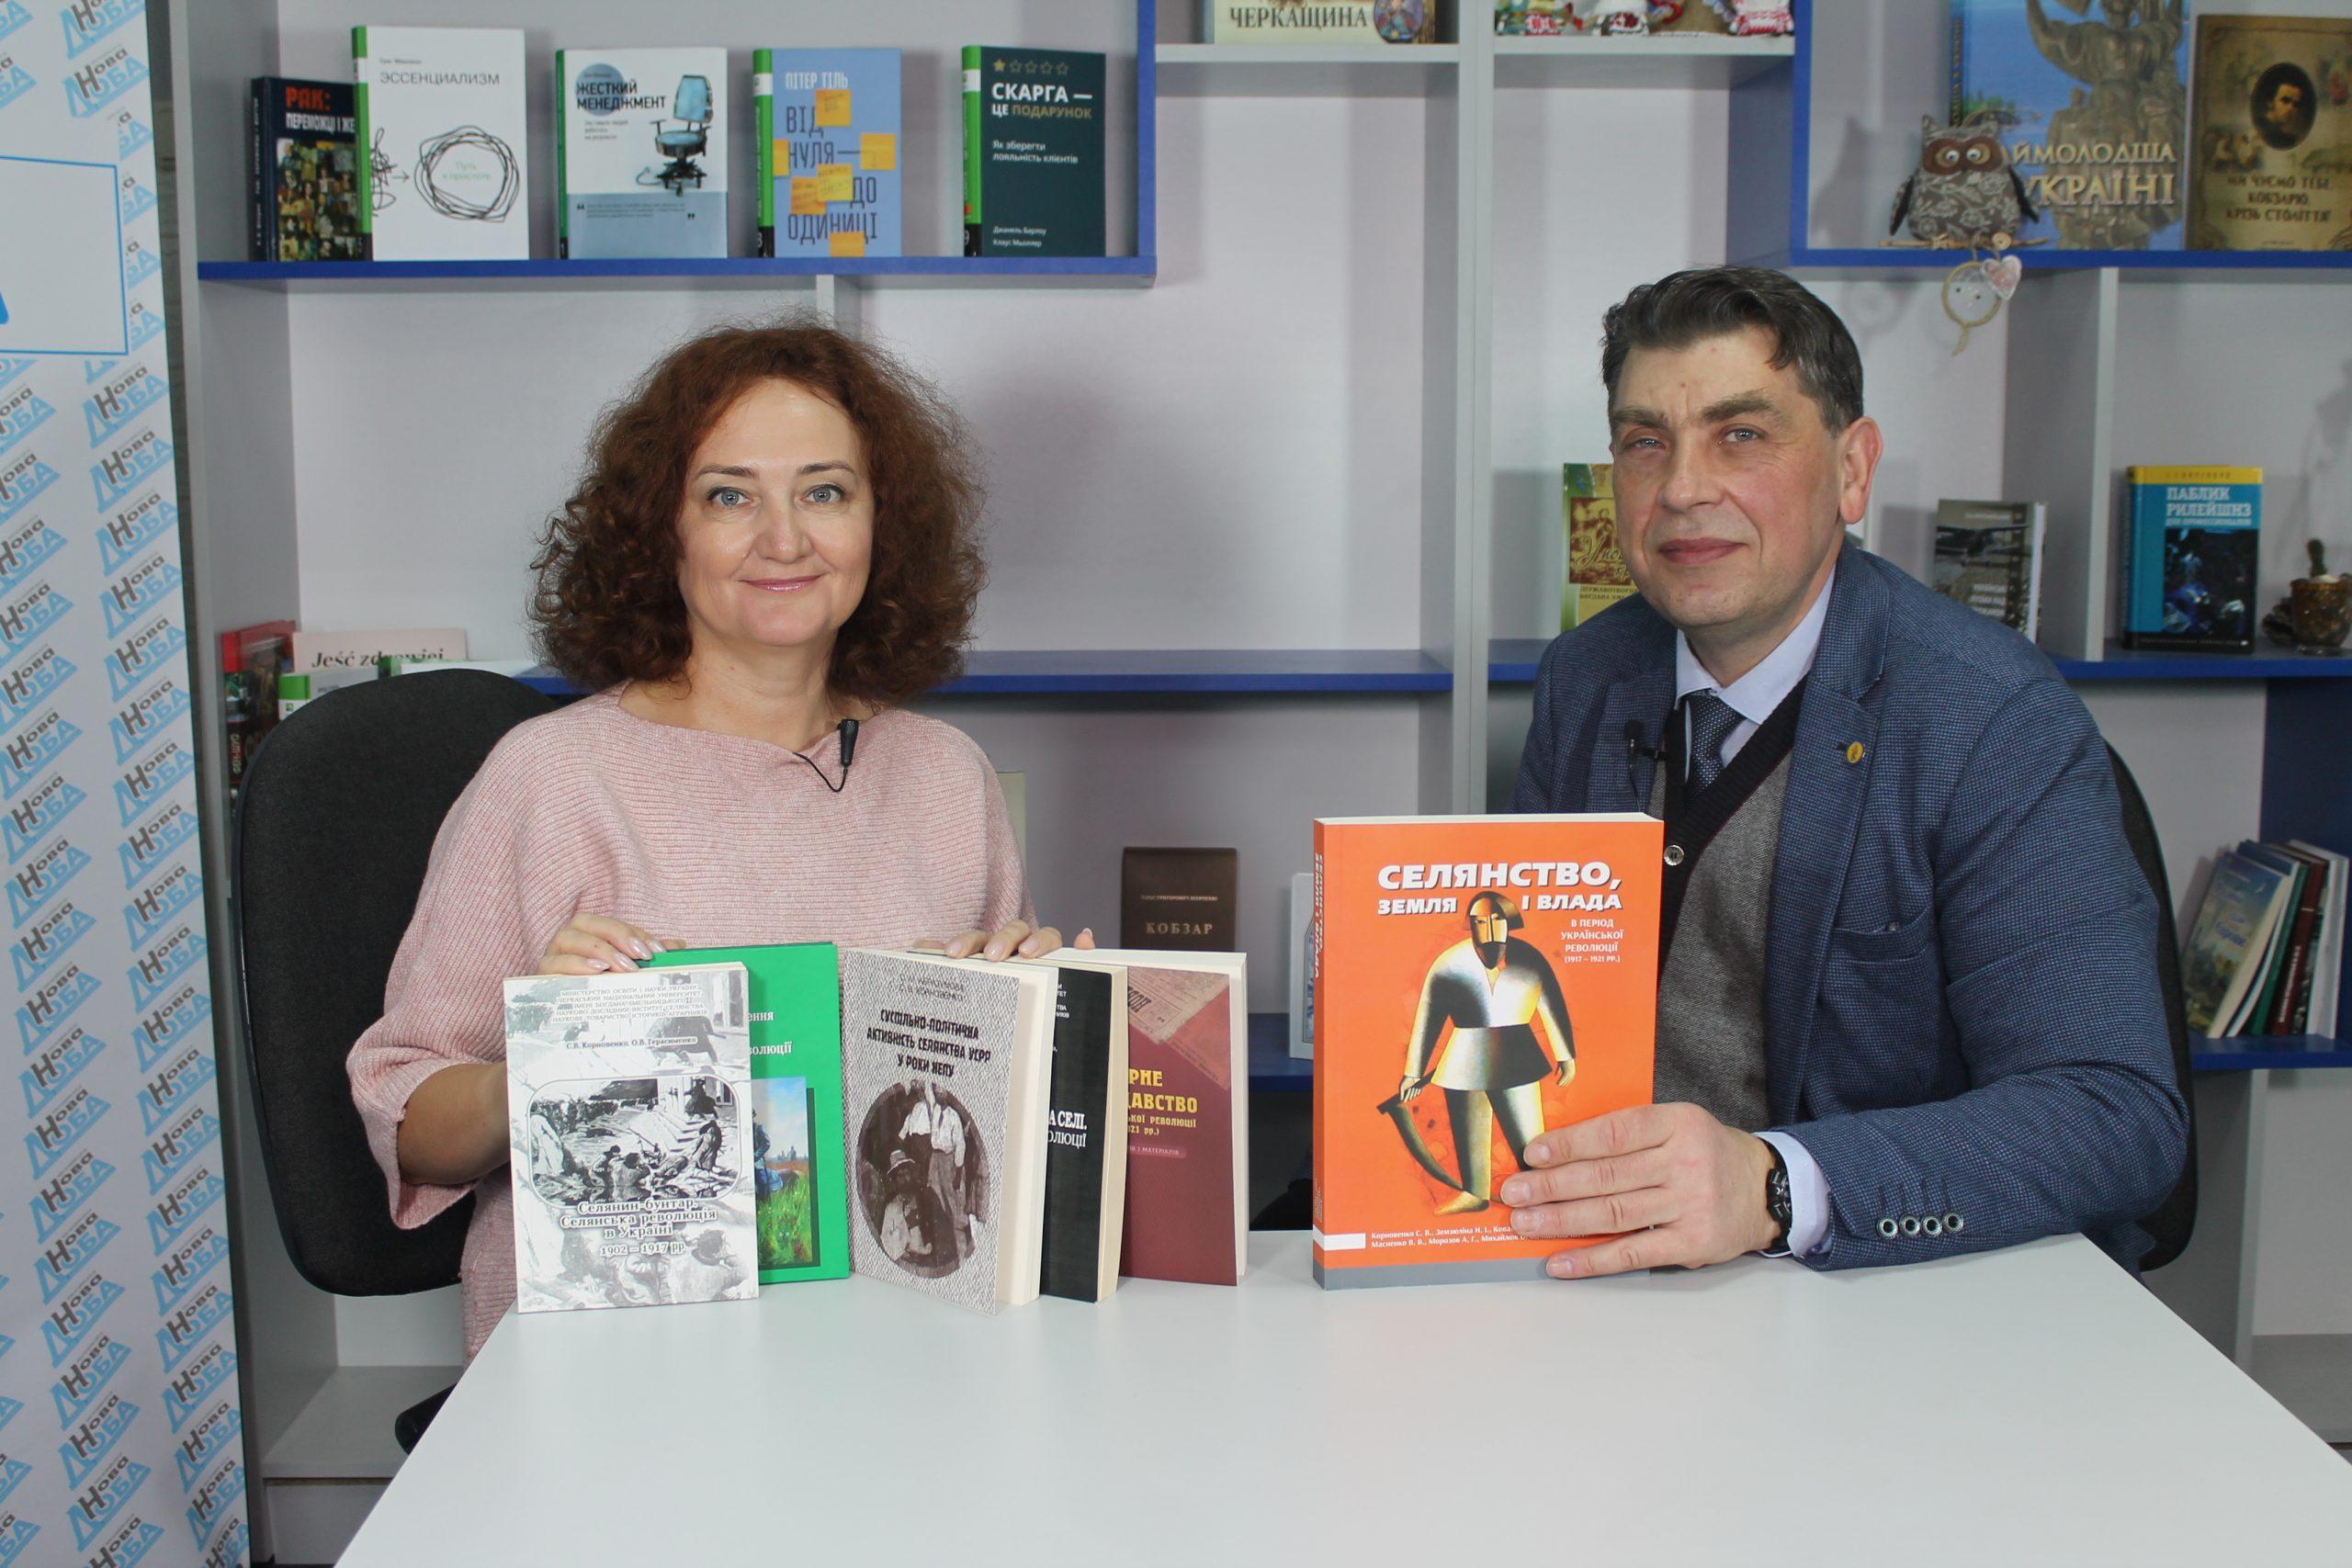 """Сергій Корновенко презентував книгу """"Селянство, земля і влада"""""""